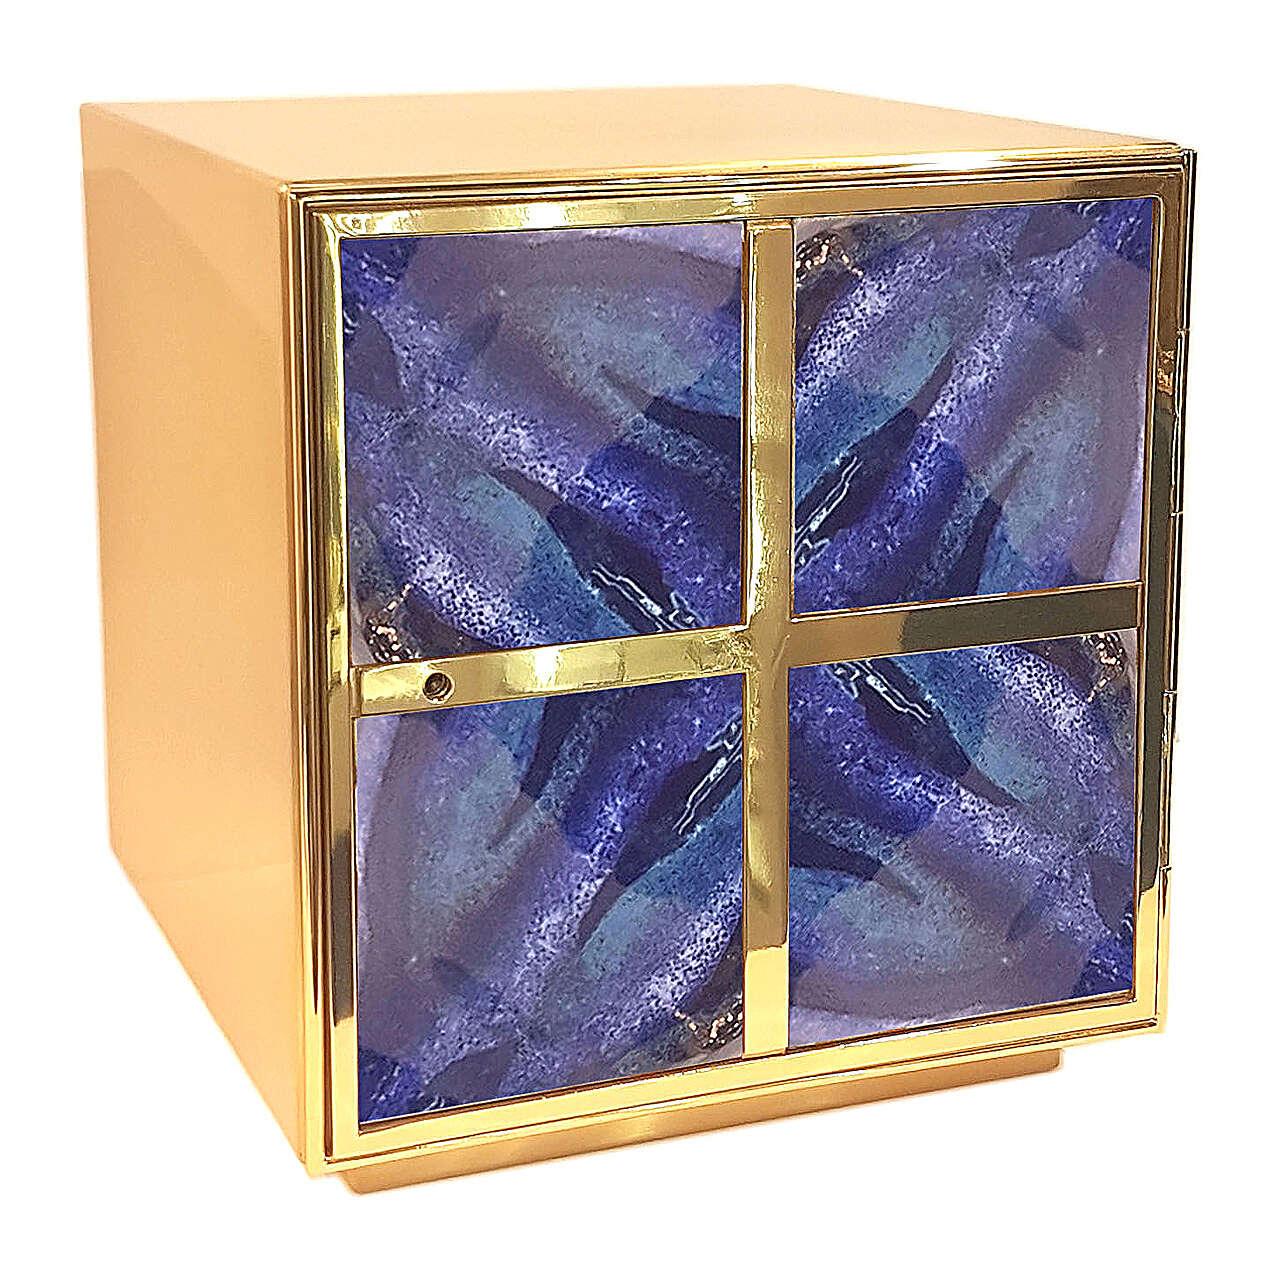 Tabernacolo toni blu smalto a fuoco croce greca ottone dorato 4